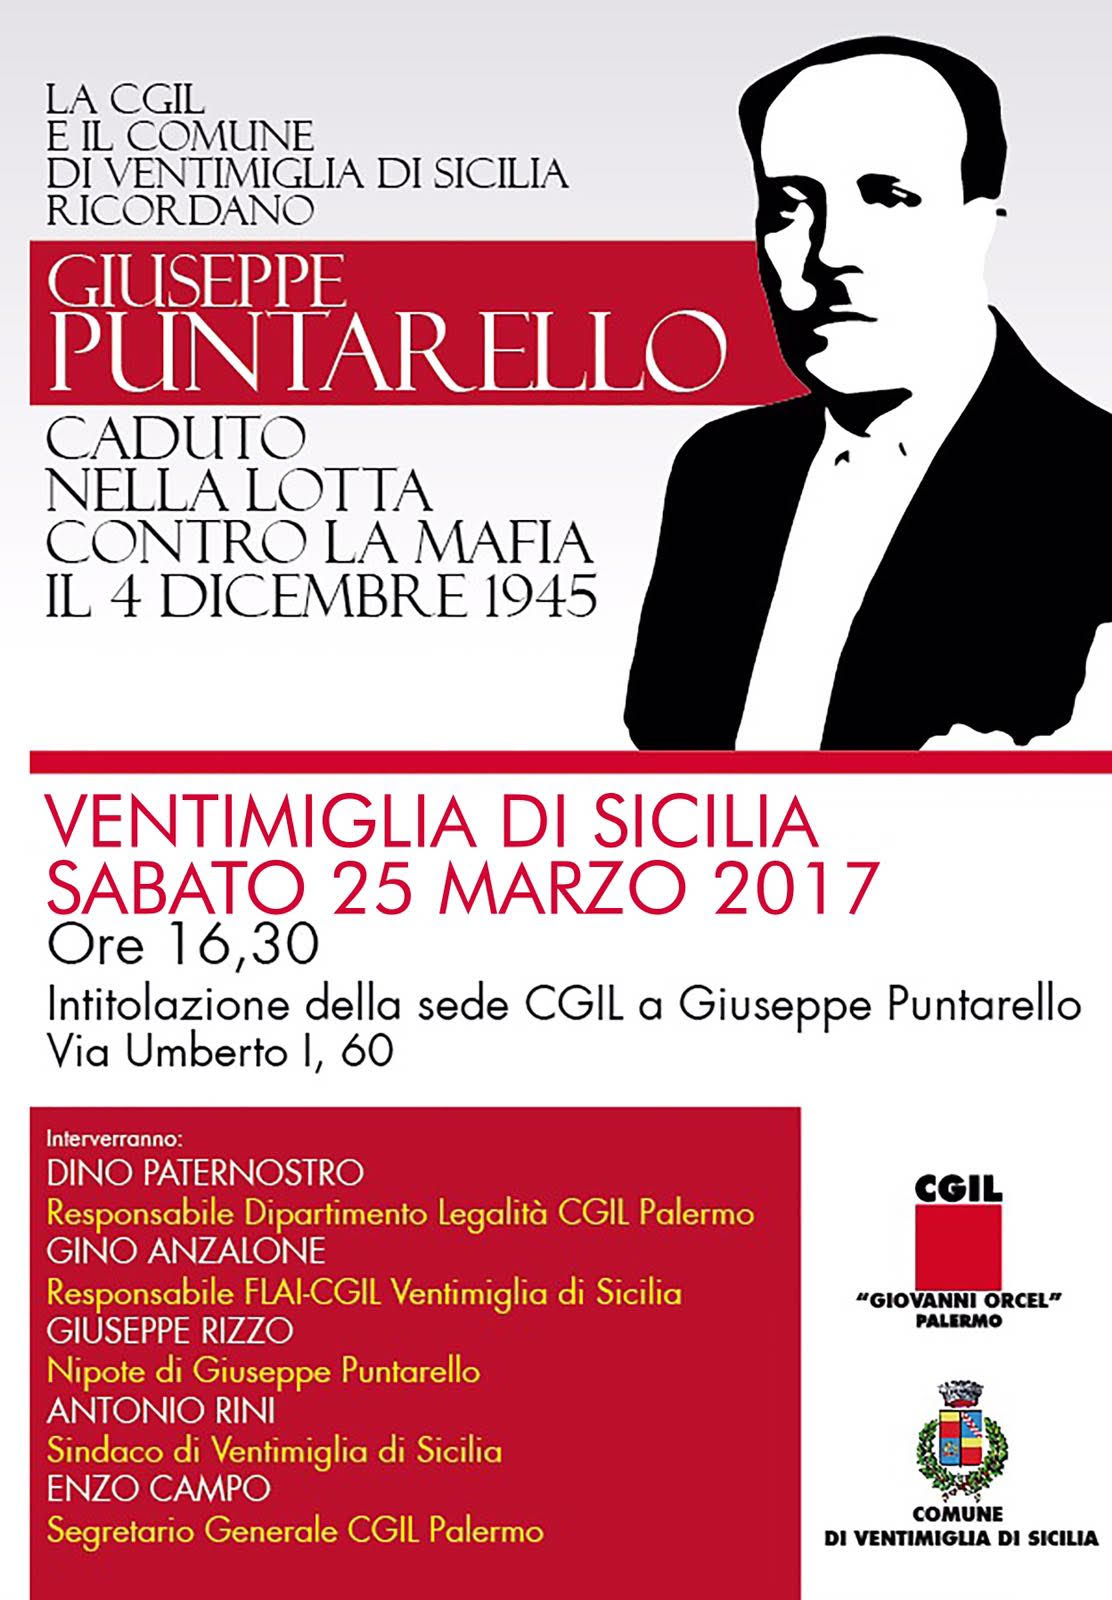 Giuseppe Puntarello, Dirigente Della Camera Del Lavoro Di Ventimiglia Di Sicilia